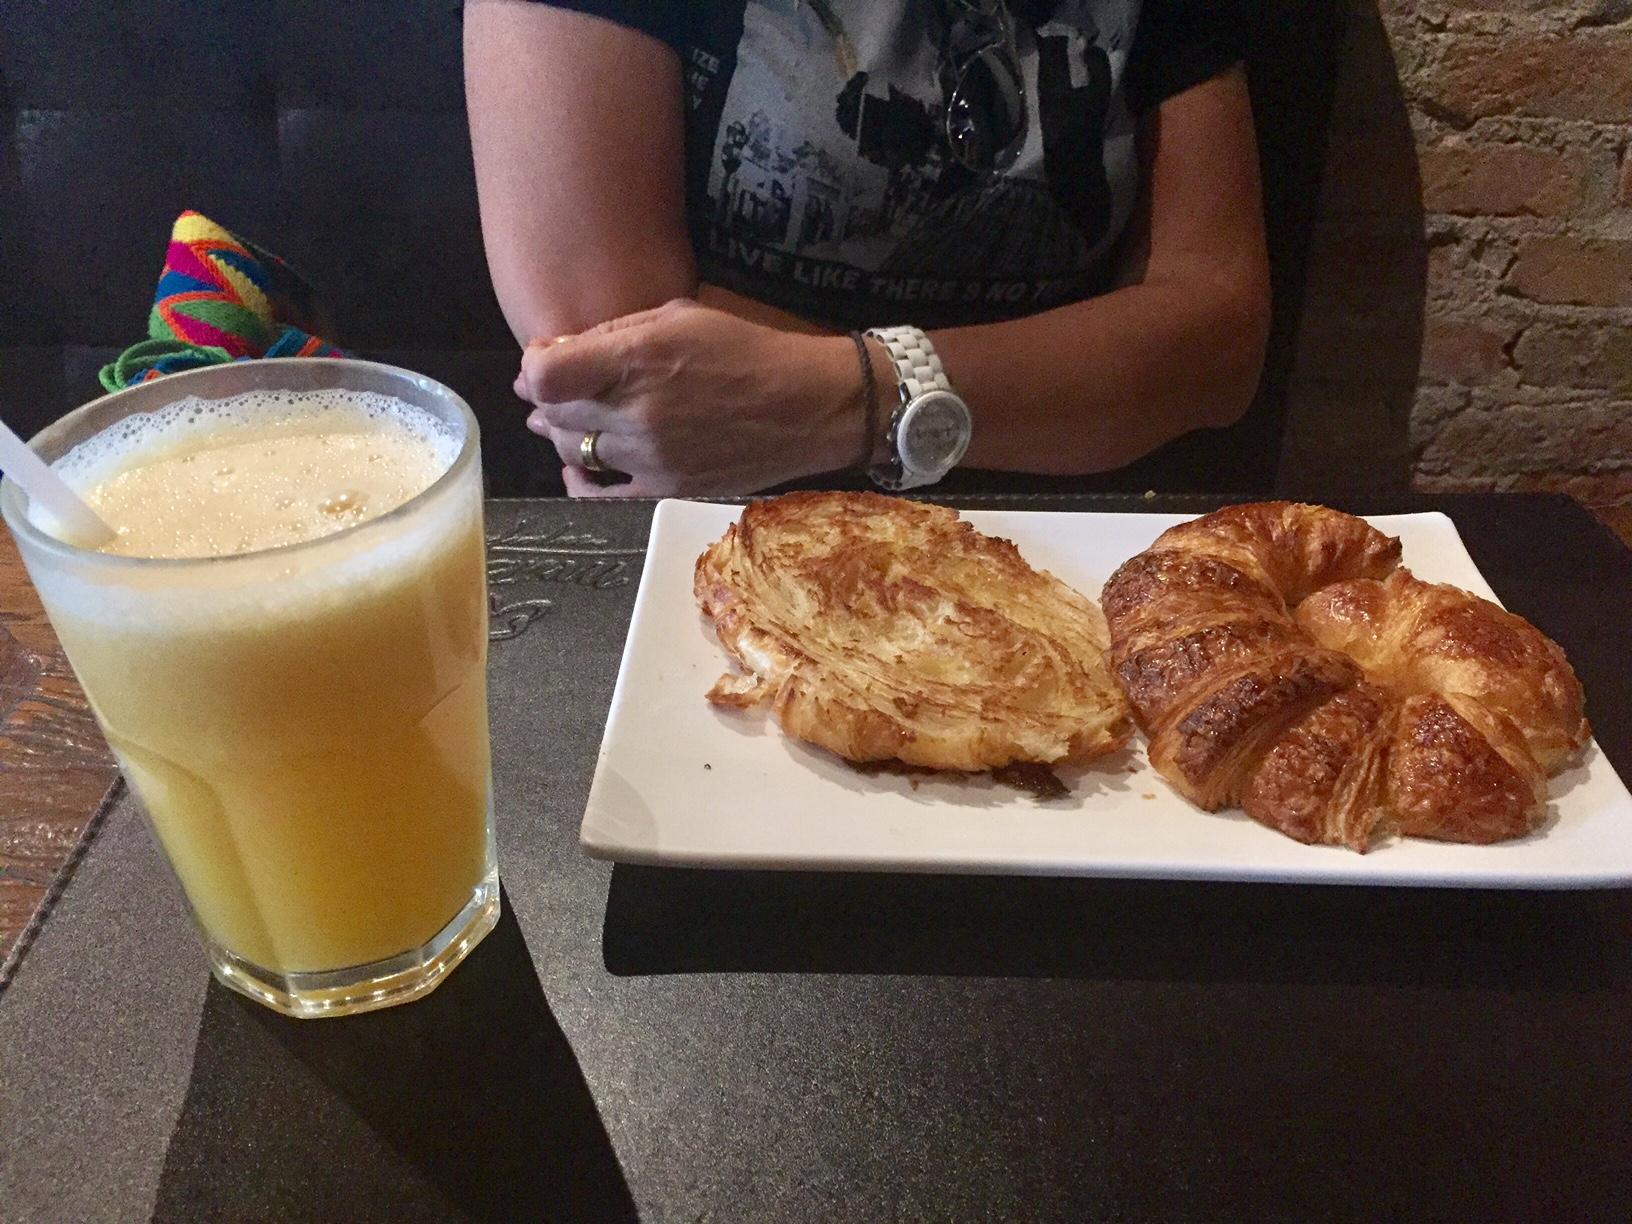 Croissant com manteiga feito na chapa. Gostoso mas com preço bem salgado